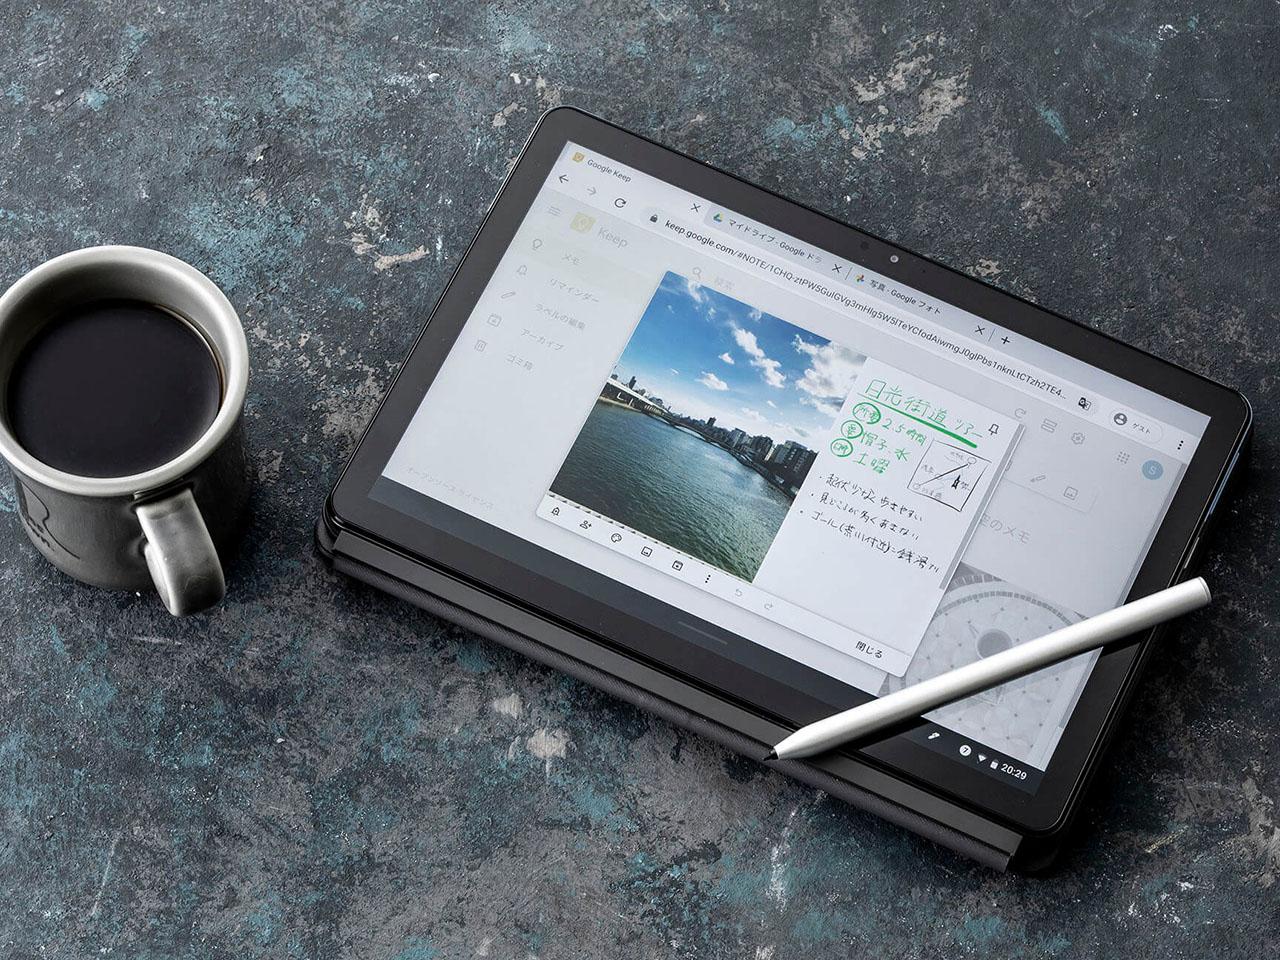 『本体 参考4』 IdeaPad Duet Chromebook ZA6F0038JP の製品画像